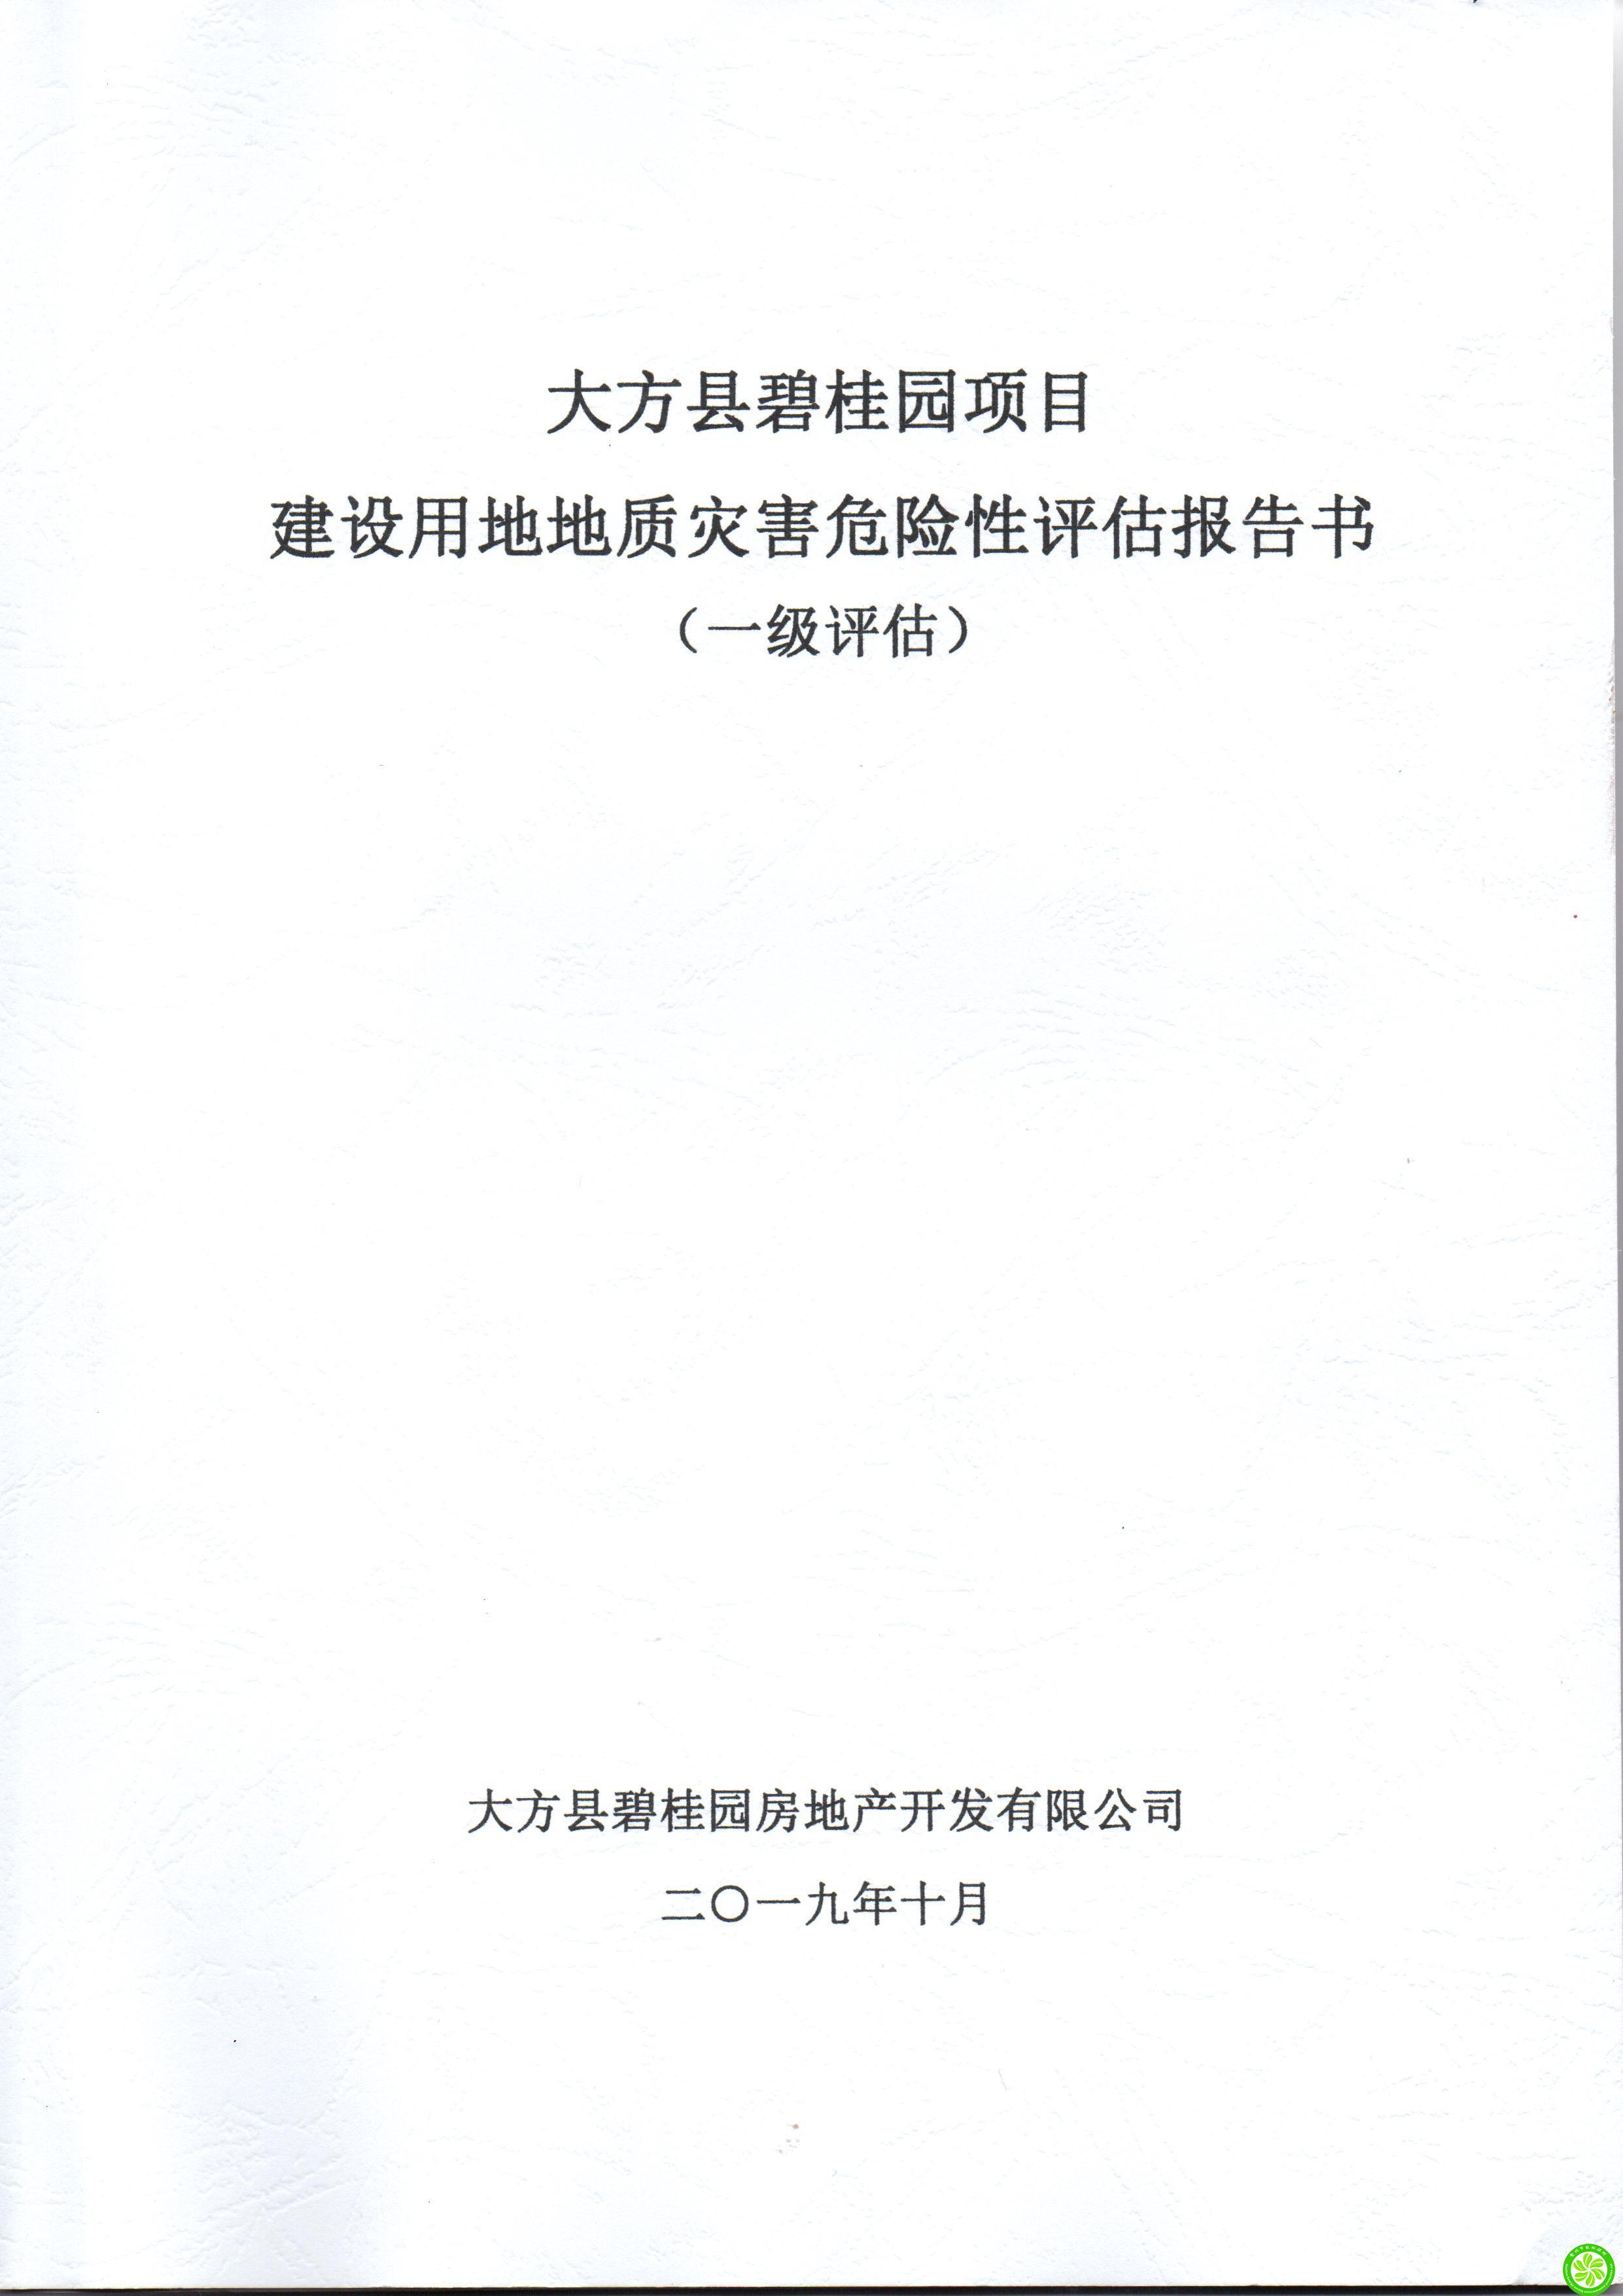 大方县碧桂园房地产开发有限公司大方县碧桂园项目地质灾害危险性评估报告书